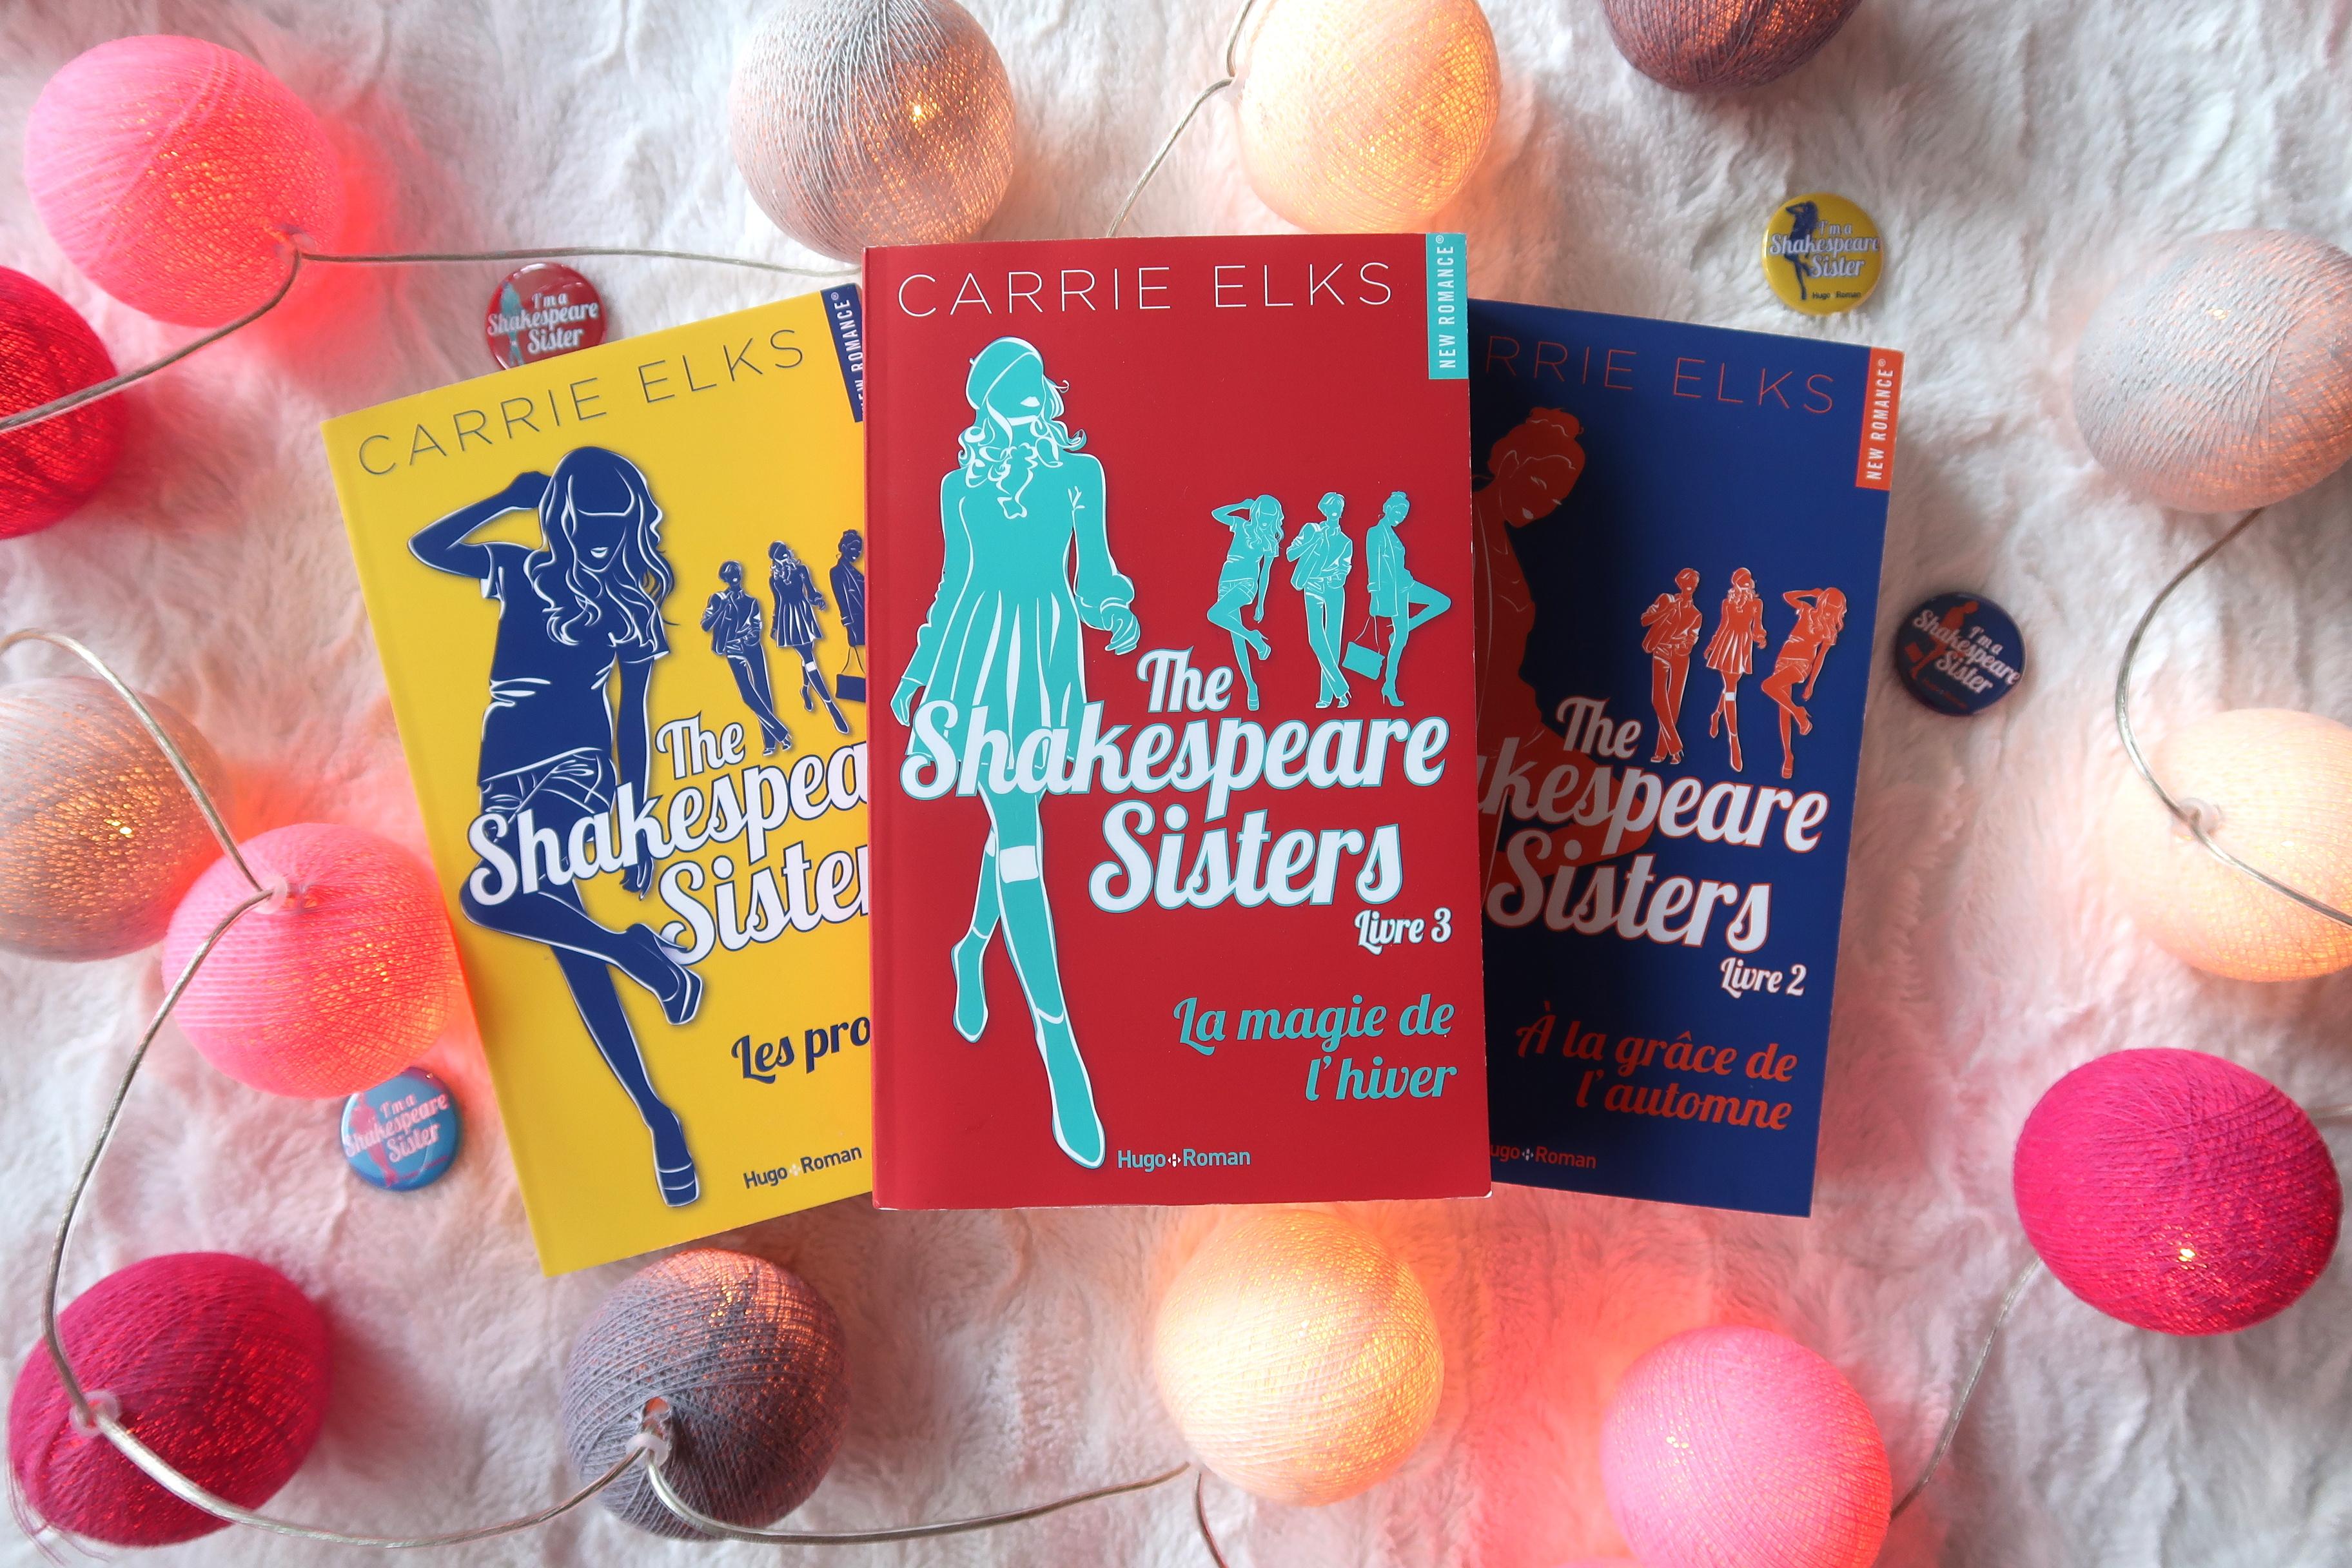 The Shakespeare sisters - La magie de l'hiver